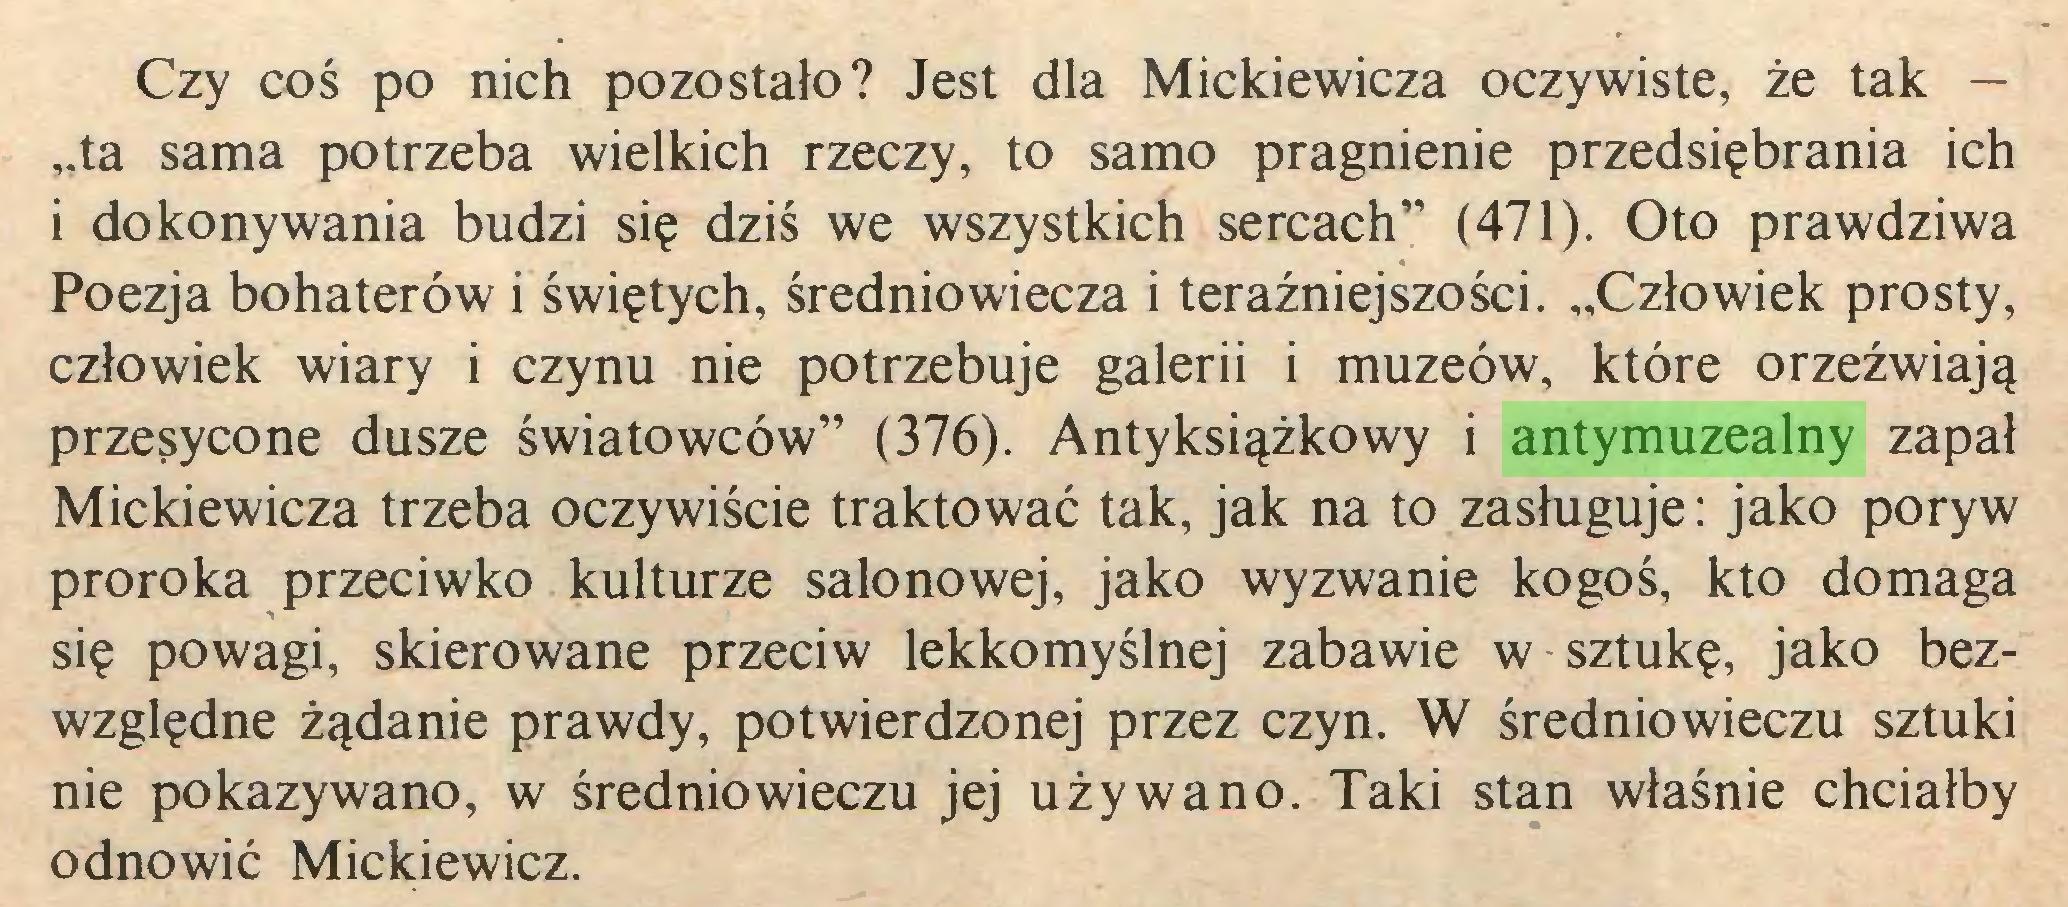 """(...) Czy coś po nich pozostało? Jest dla Mickiewicza oczywiste, że tak — """"ta sama potrzeba wielkich rzeczy, to samo pragnienie przedsiębrania ich i dokonywania budzi się dziś we wszystkich sercach"""" (471). Oto prawdziwa Poezja bohaterów i świętych, średniowiecza i teraźniejszości. """"Człowiek prosty, człowiek wiary i czynu nie potrzebuje galerii i muzeów, które orzeźwiają przesycone dusze światowców"""" (376). Antyksiążkowy i antymuzealny zapał Mickiewicza trzeba oczywiście traktować tak, jak na to zasługuje: jako poryw proroka przeciwko kulturze salonowej, jako wyzwanie kogoś, kto domaga się powagi, skierowane przeciw lekkomyślnej zabawie w sztukę, jako bezwzględne żądanie prawdy, potwierdzonej przez czyn. W średniowieczu sztuki nie pokazywano, w średniowieczu jej używano. Taki stan właśnie chciałby odnowić Mickiewicz..."""